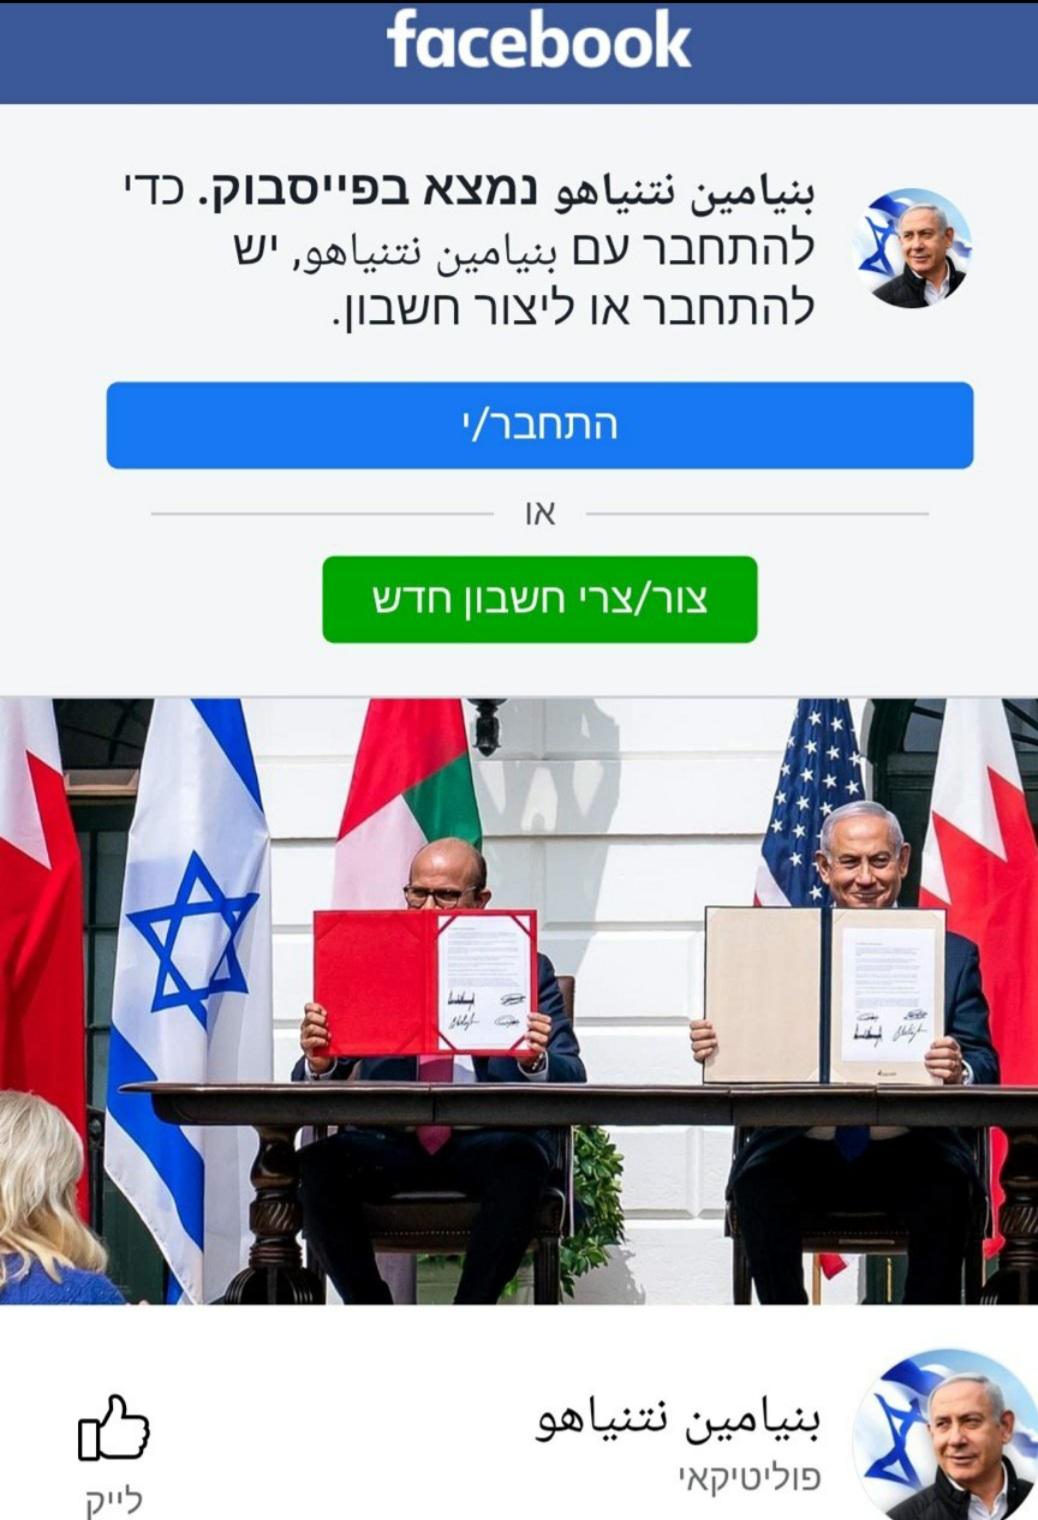 ראש הממשלה נתניהו פתח עמוד פייסבוק בערבית